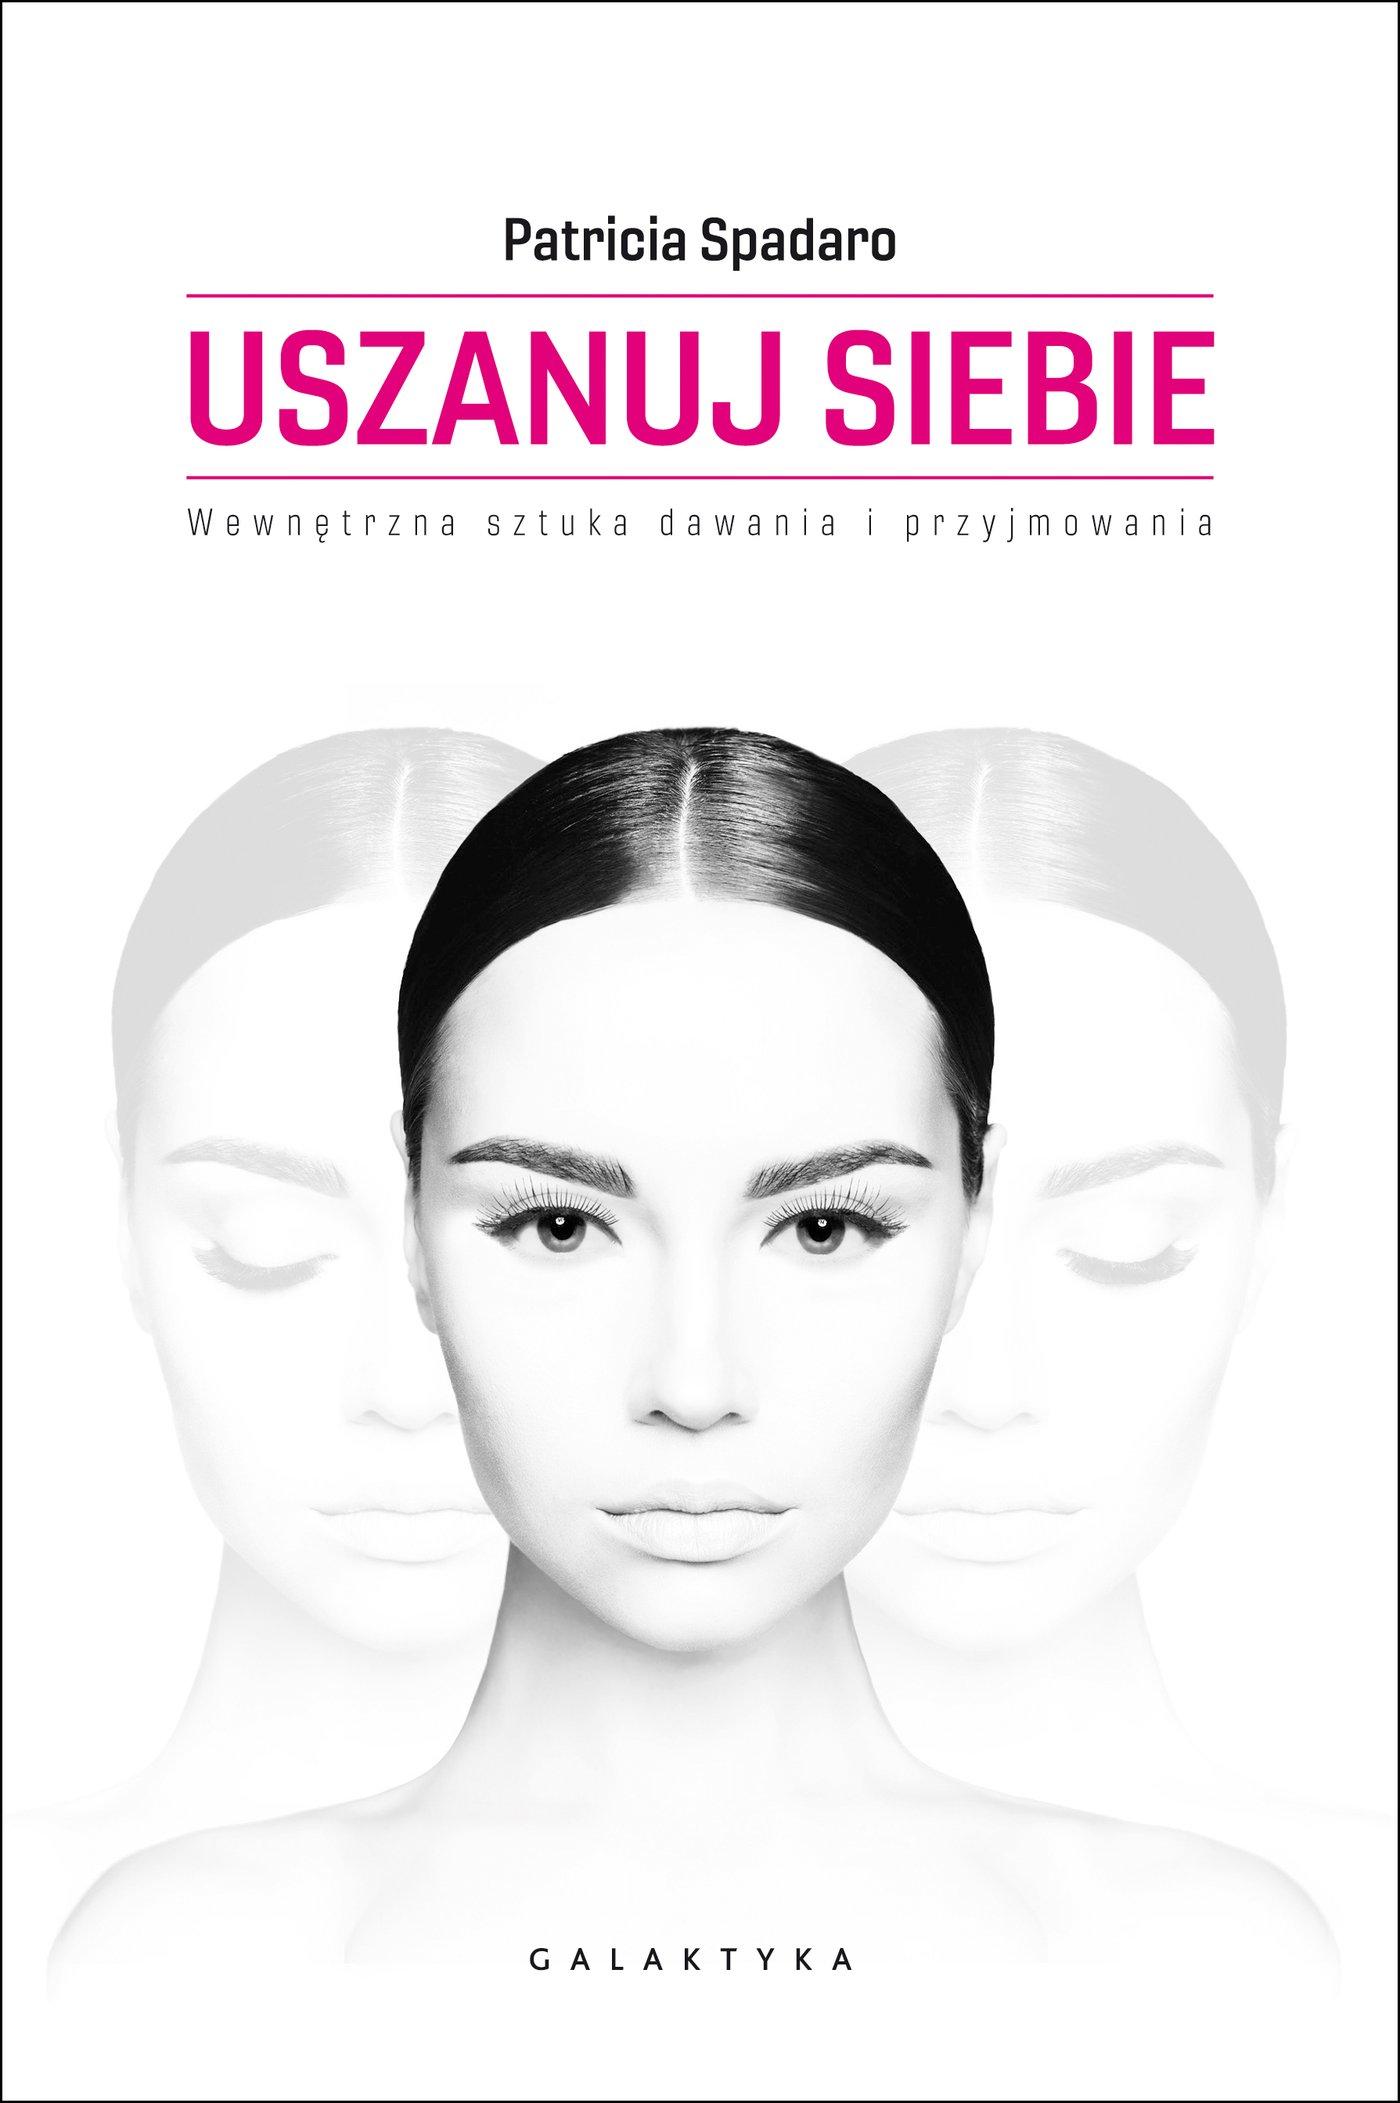 Uszanuj siebie - Ebook (Książka na Kindle) do pobrania w formacie MOBI